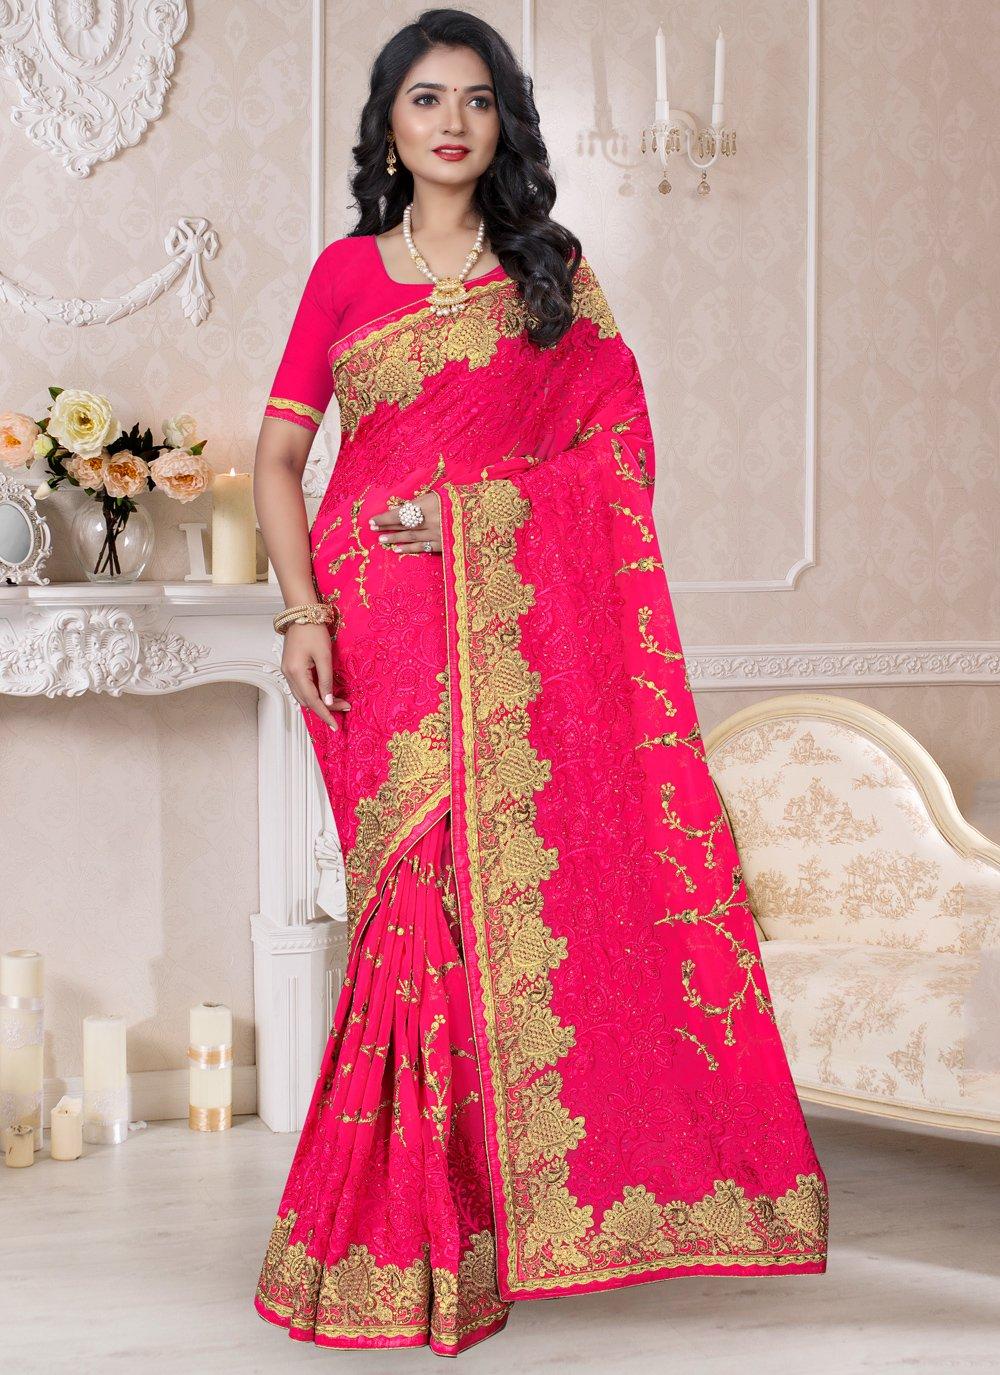 Hot Pink Reception Classic Saree